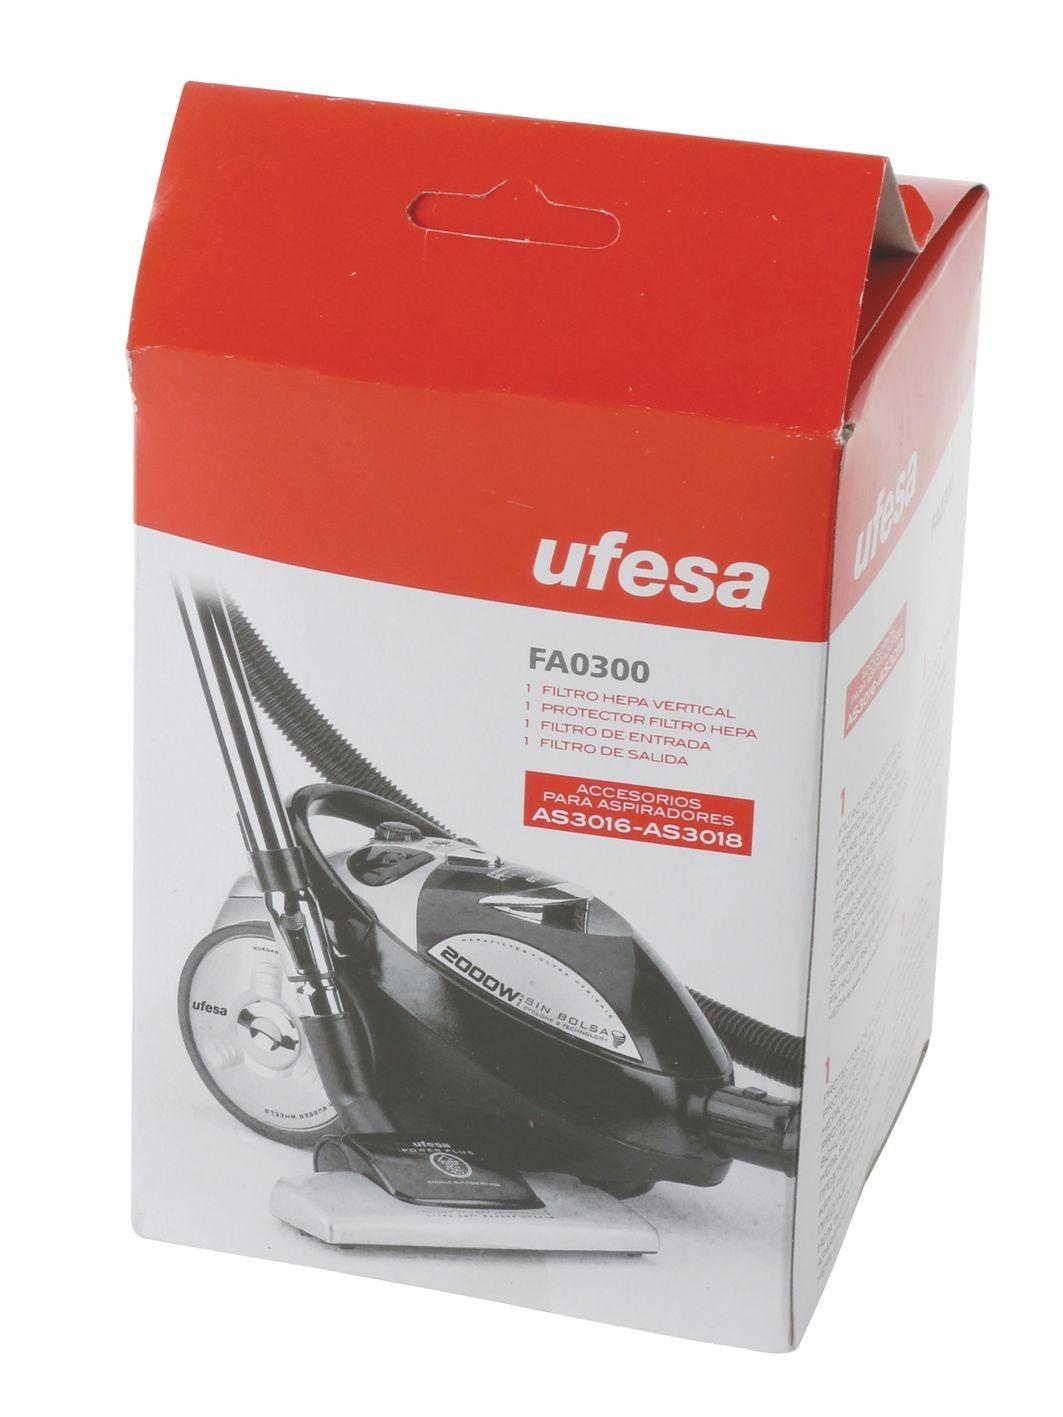 Filtro HEPA c/protector + filtros entrada y salida para aspirador Ufesa AS3016-AS3018